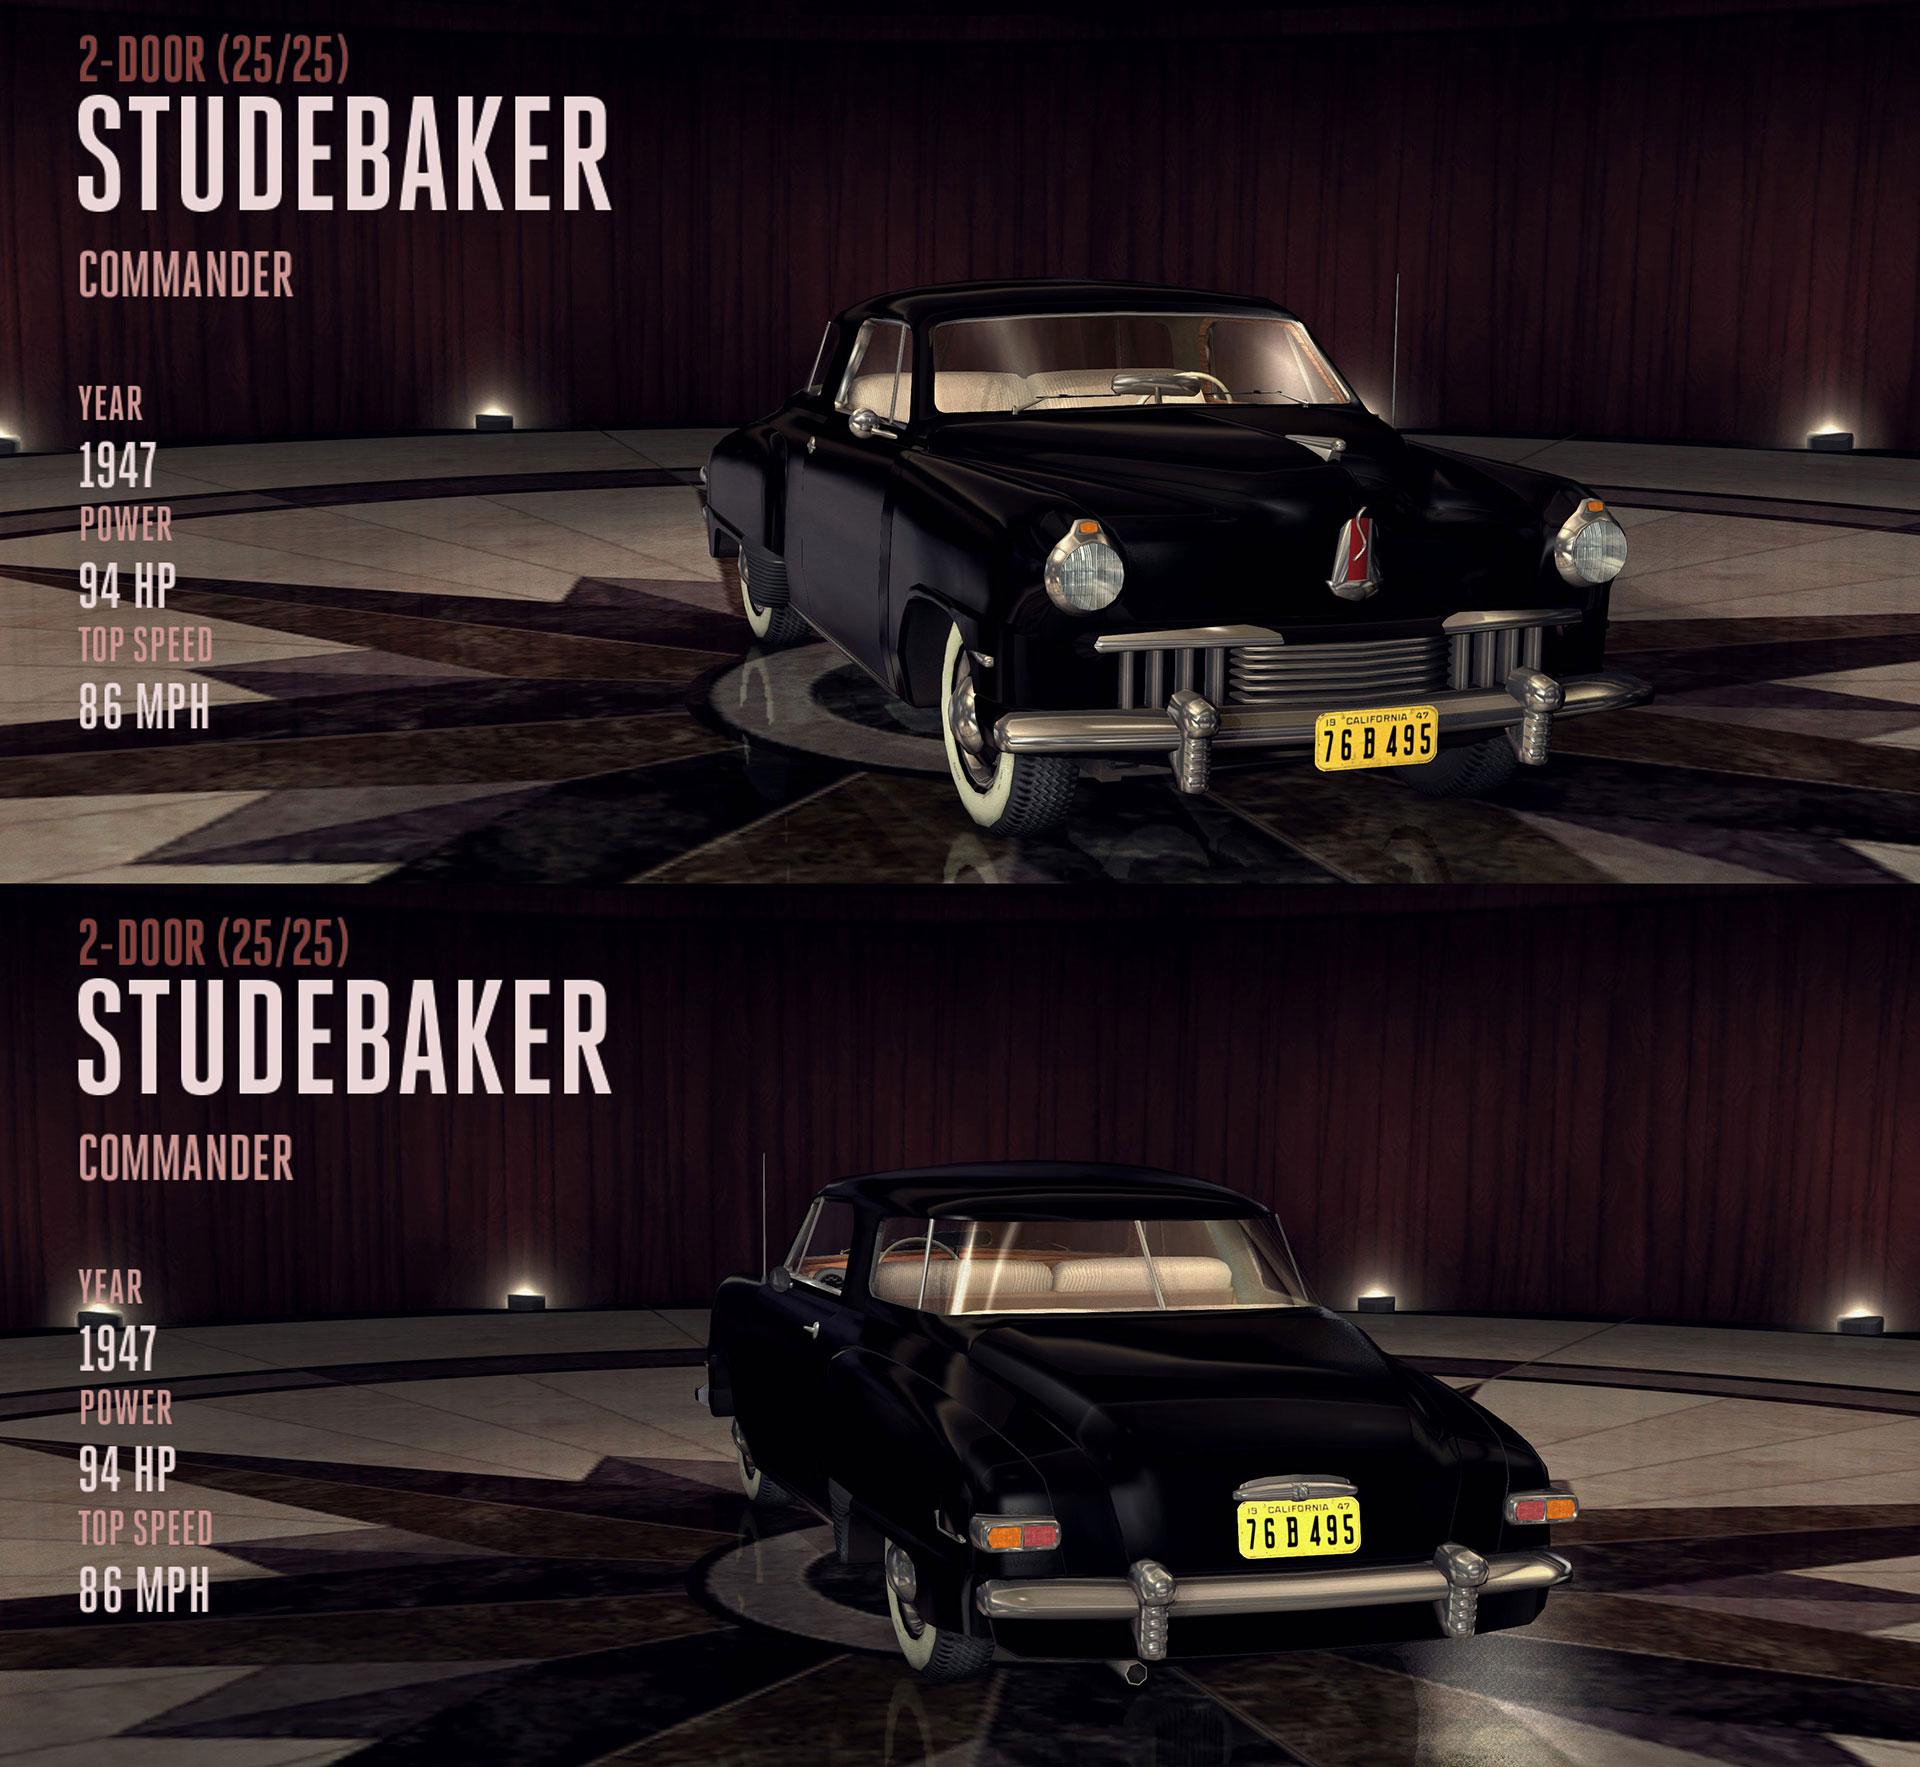 Studebaker Commander